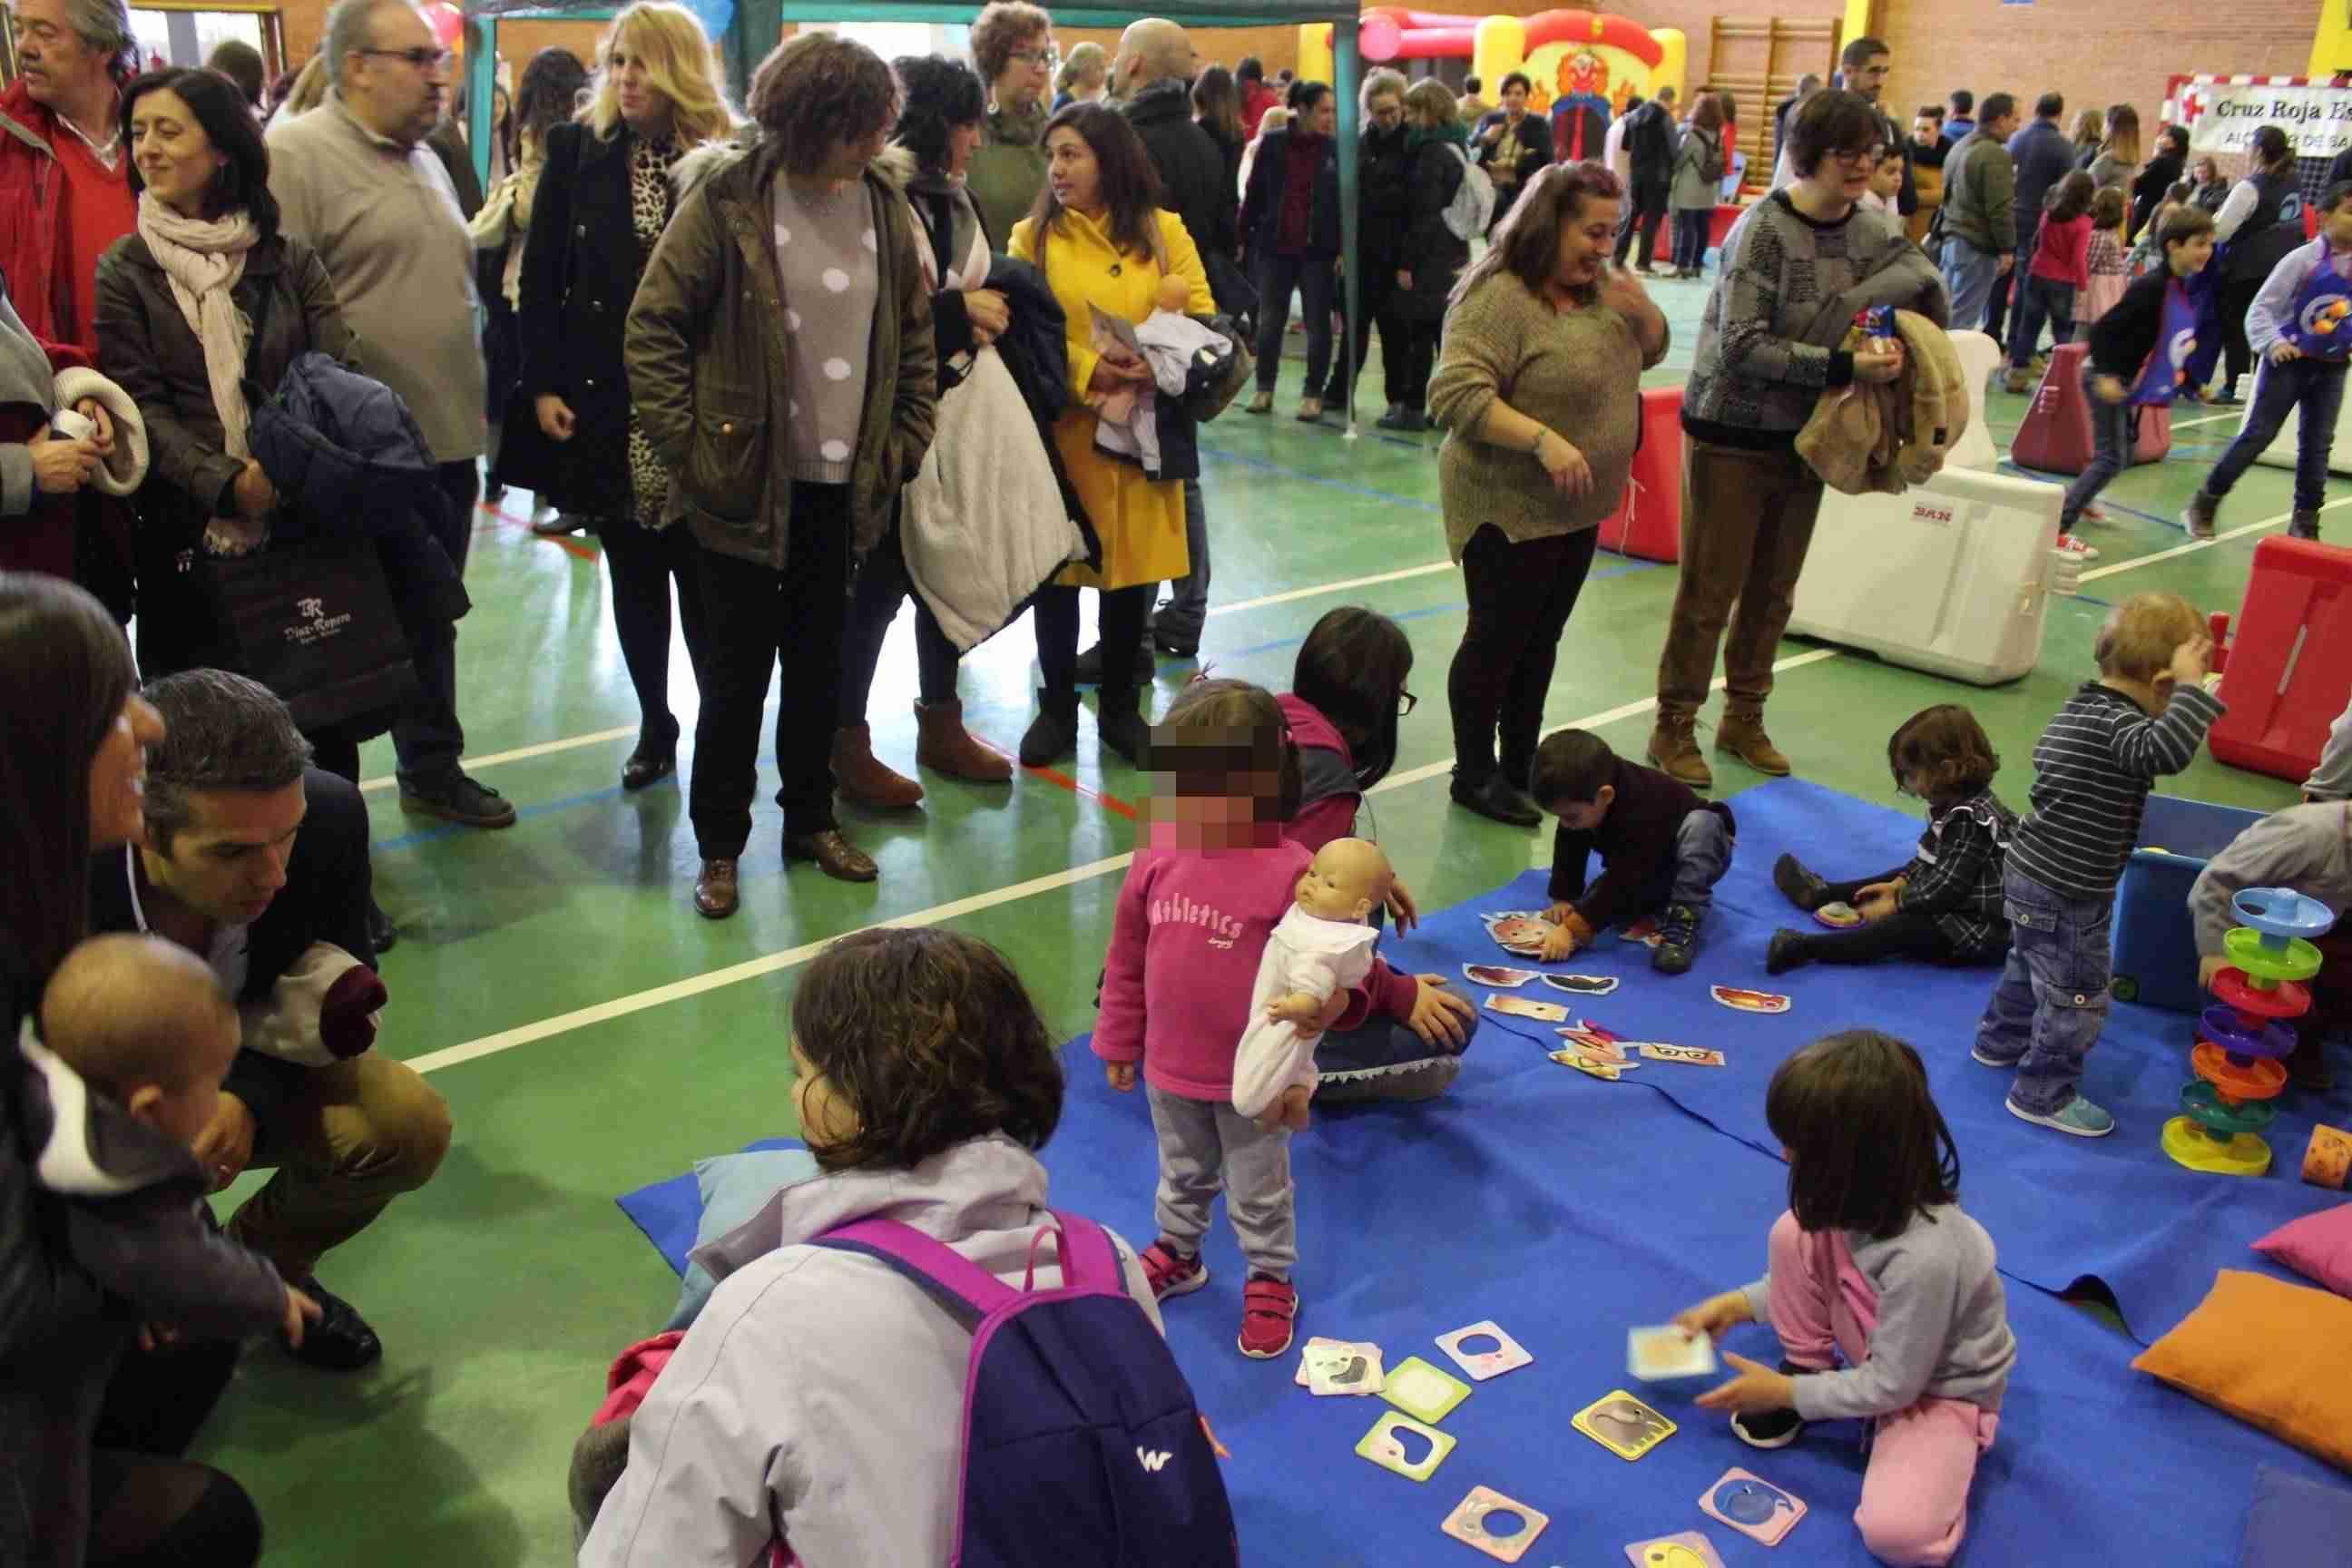 El Pabellón Picasso se convirtió un año más en recinto lúdico para celebrar el Día Universal de la Infancia 1